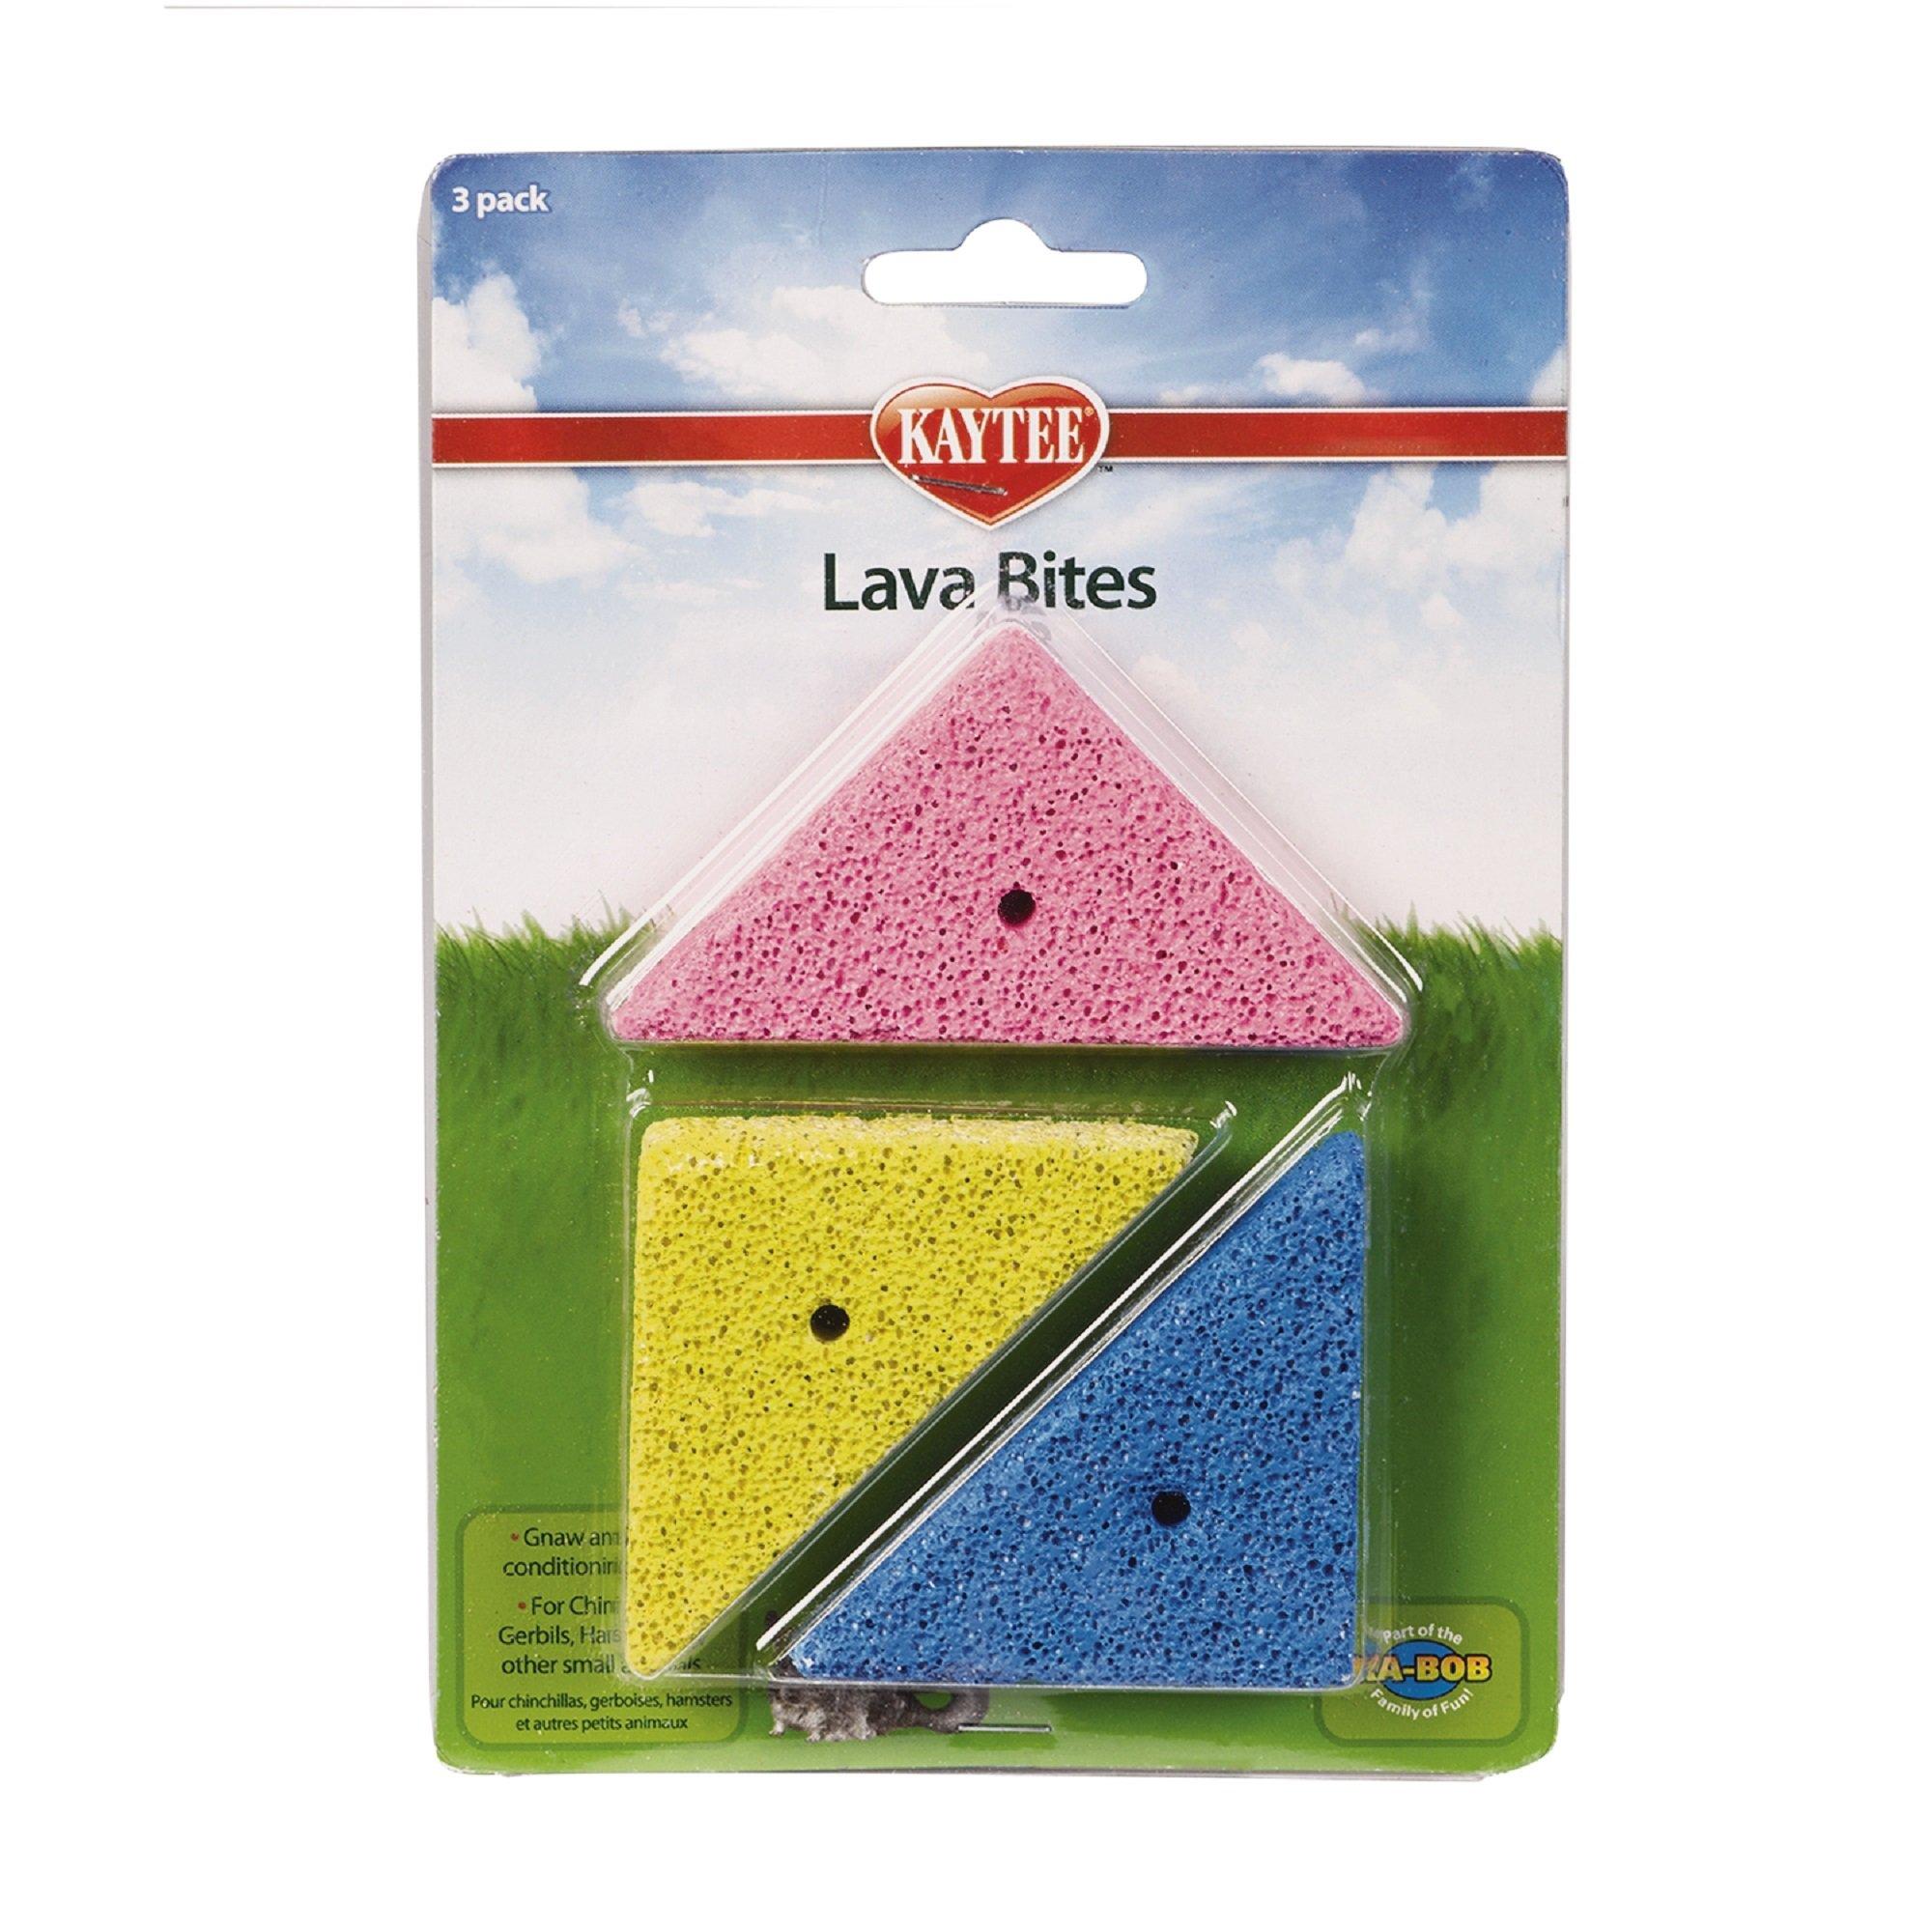 Kaytee Lava Bites